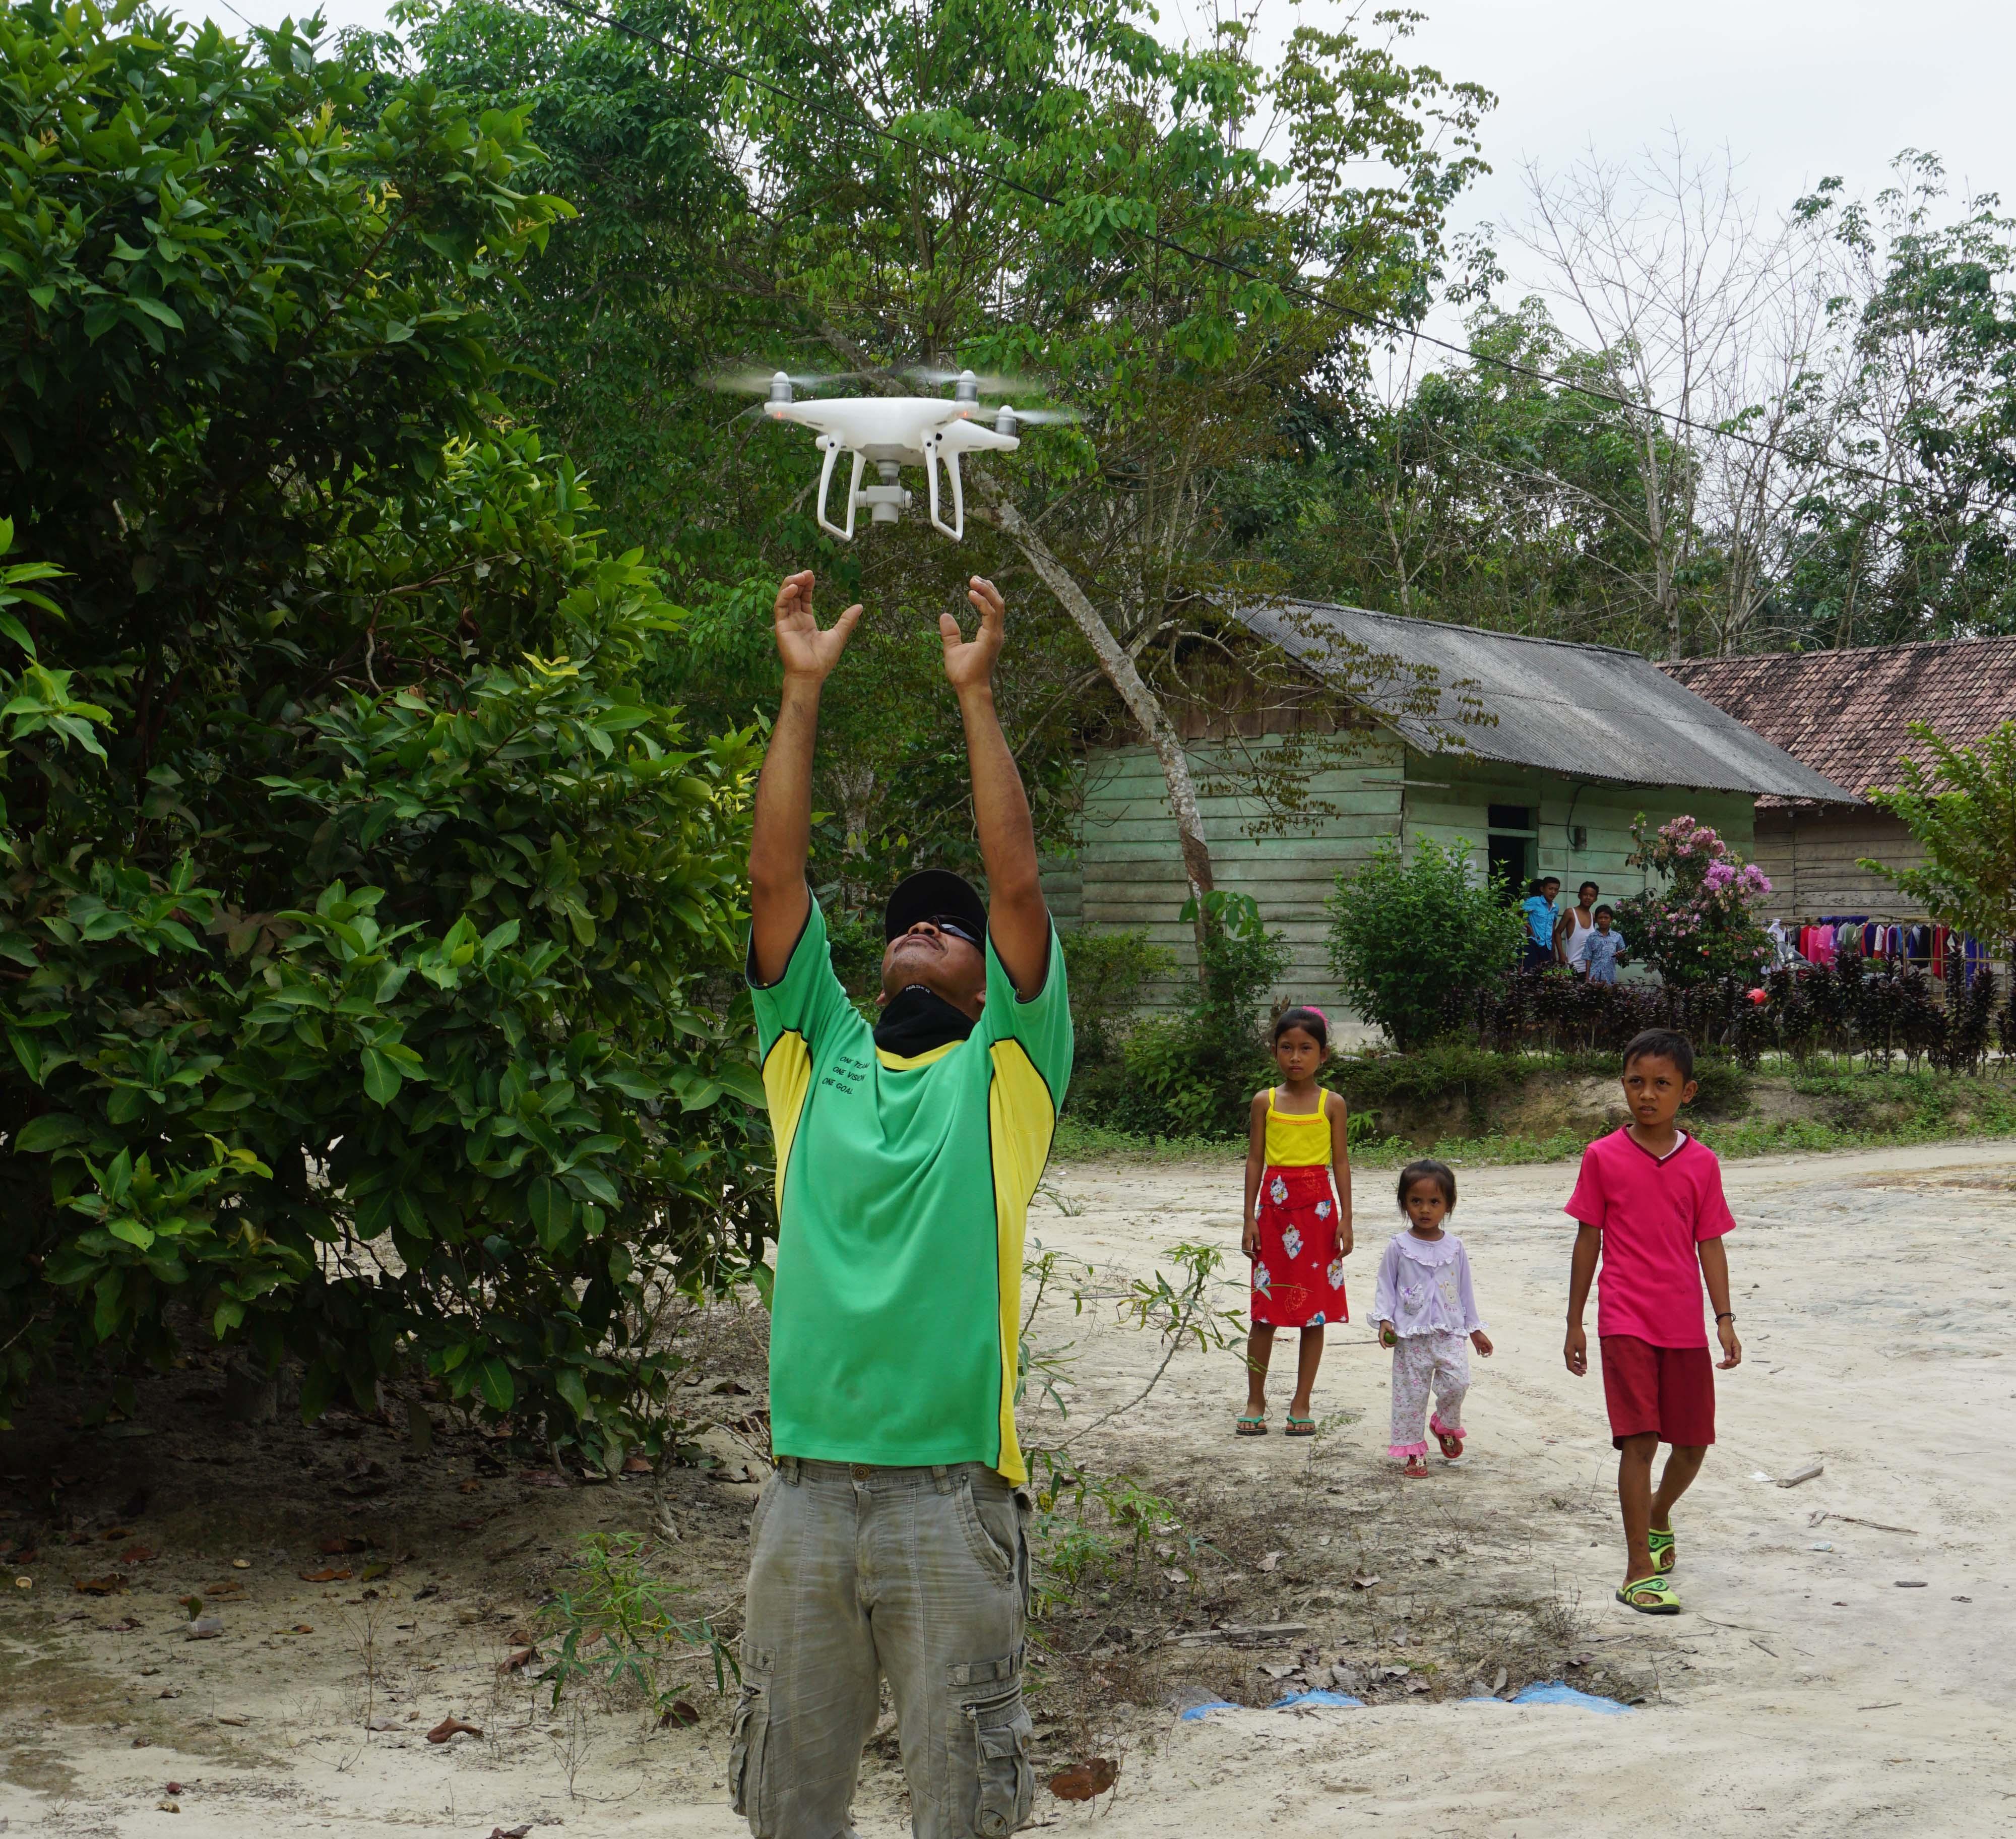 Pemetaan Tata Guna Lahan Bersama Masyarakat di desa Pulai Gading